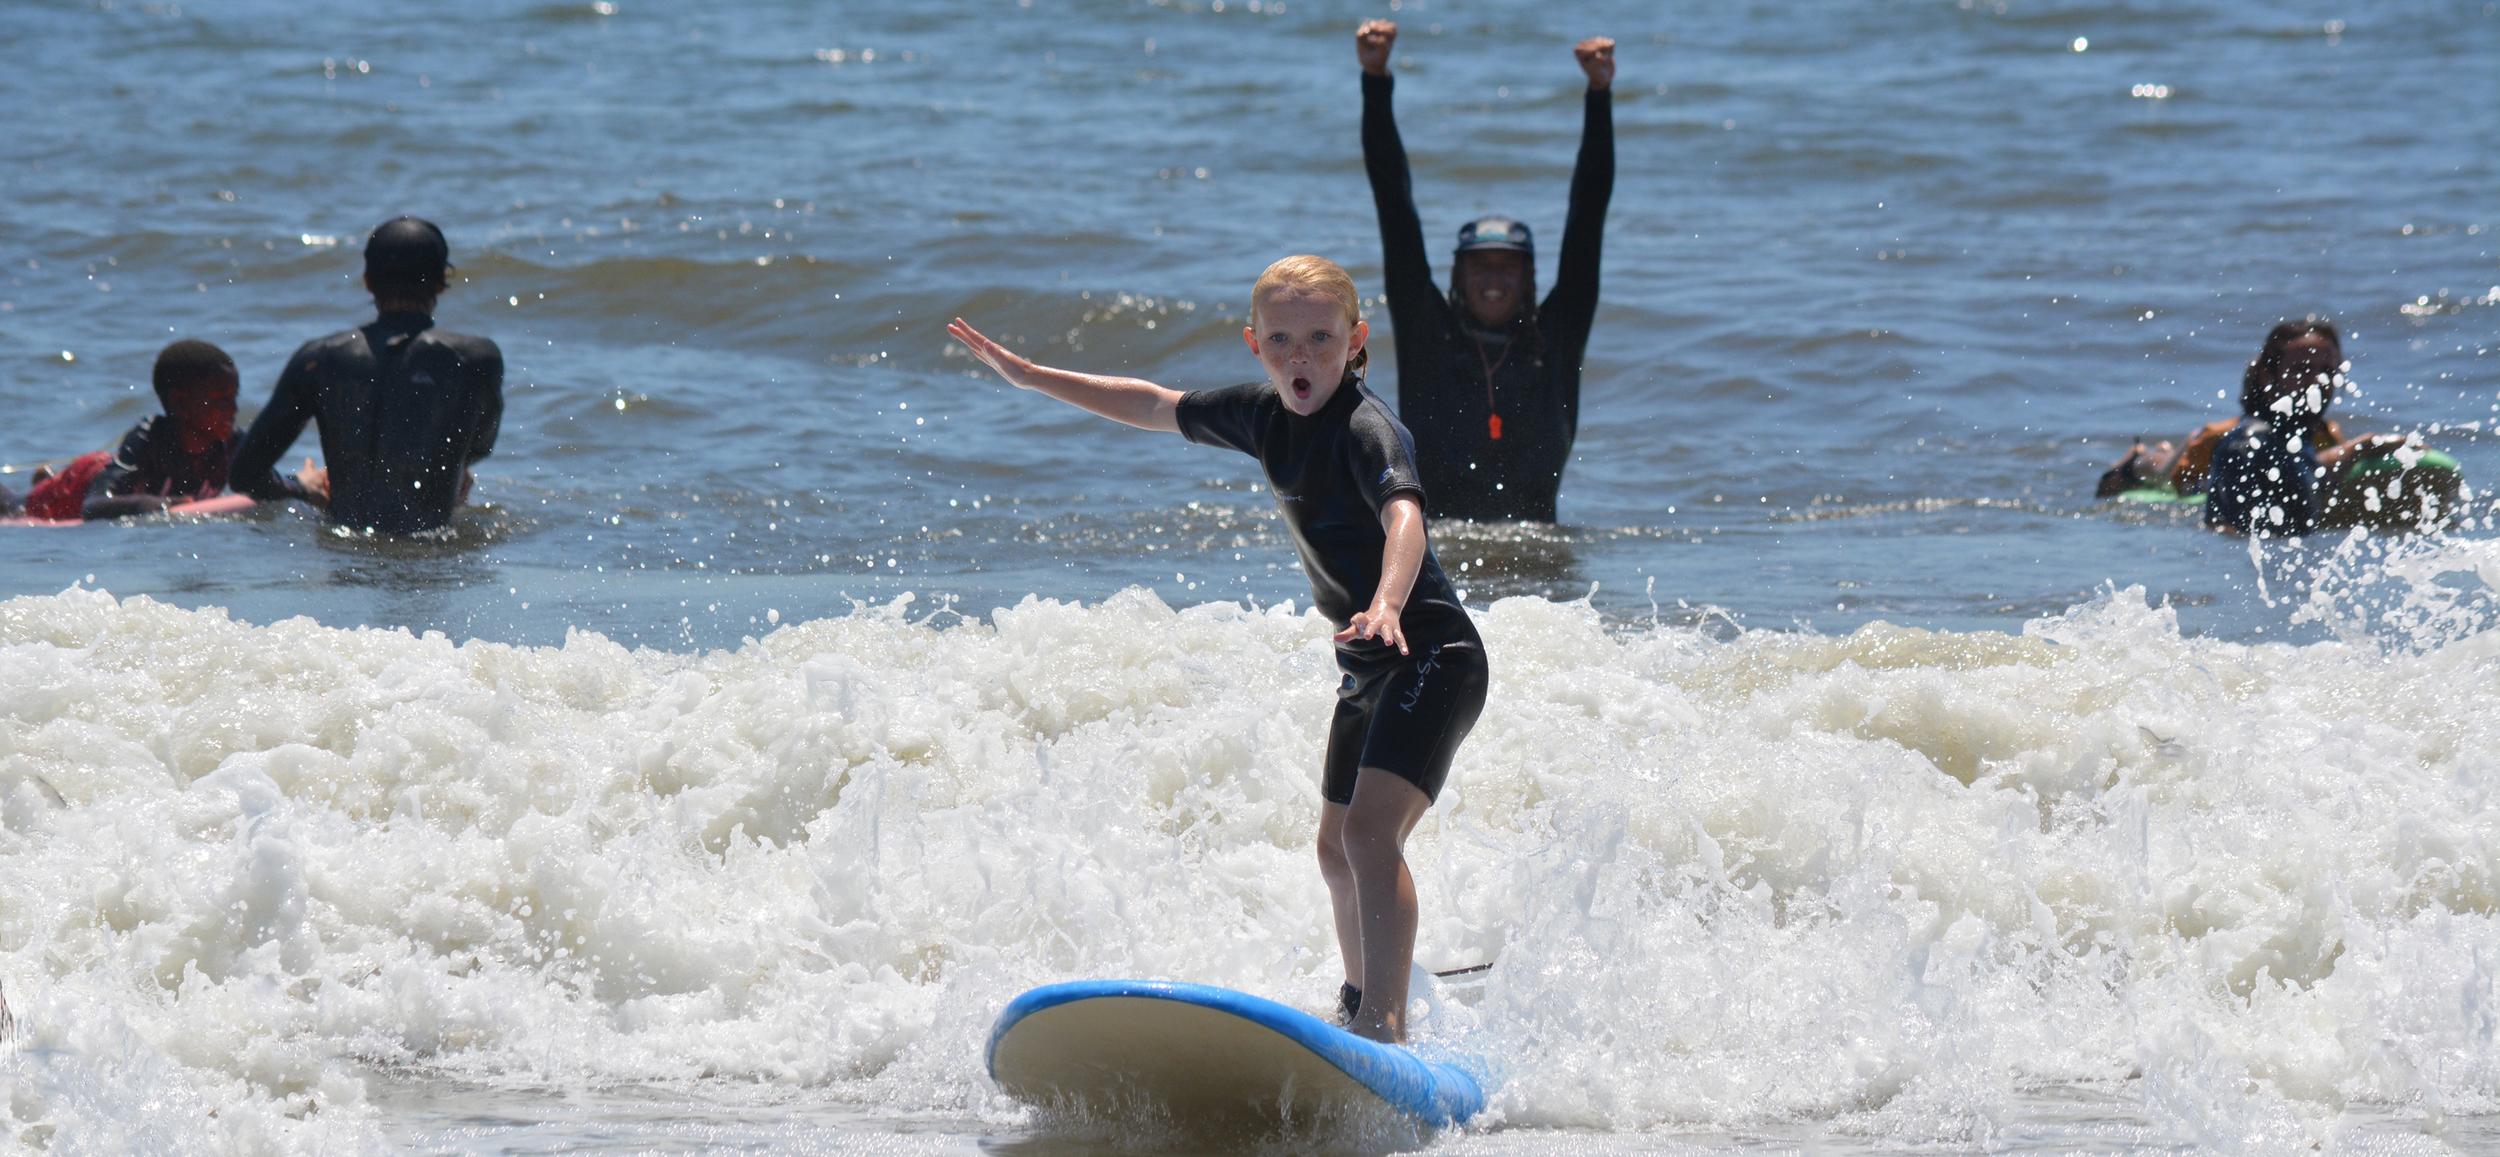 camp surfing in nyc locals surf school